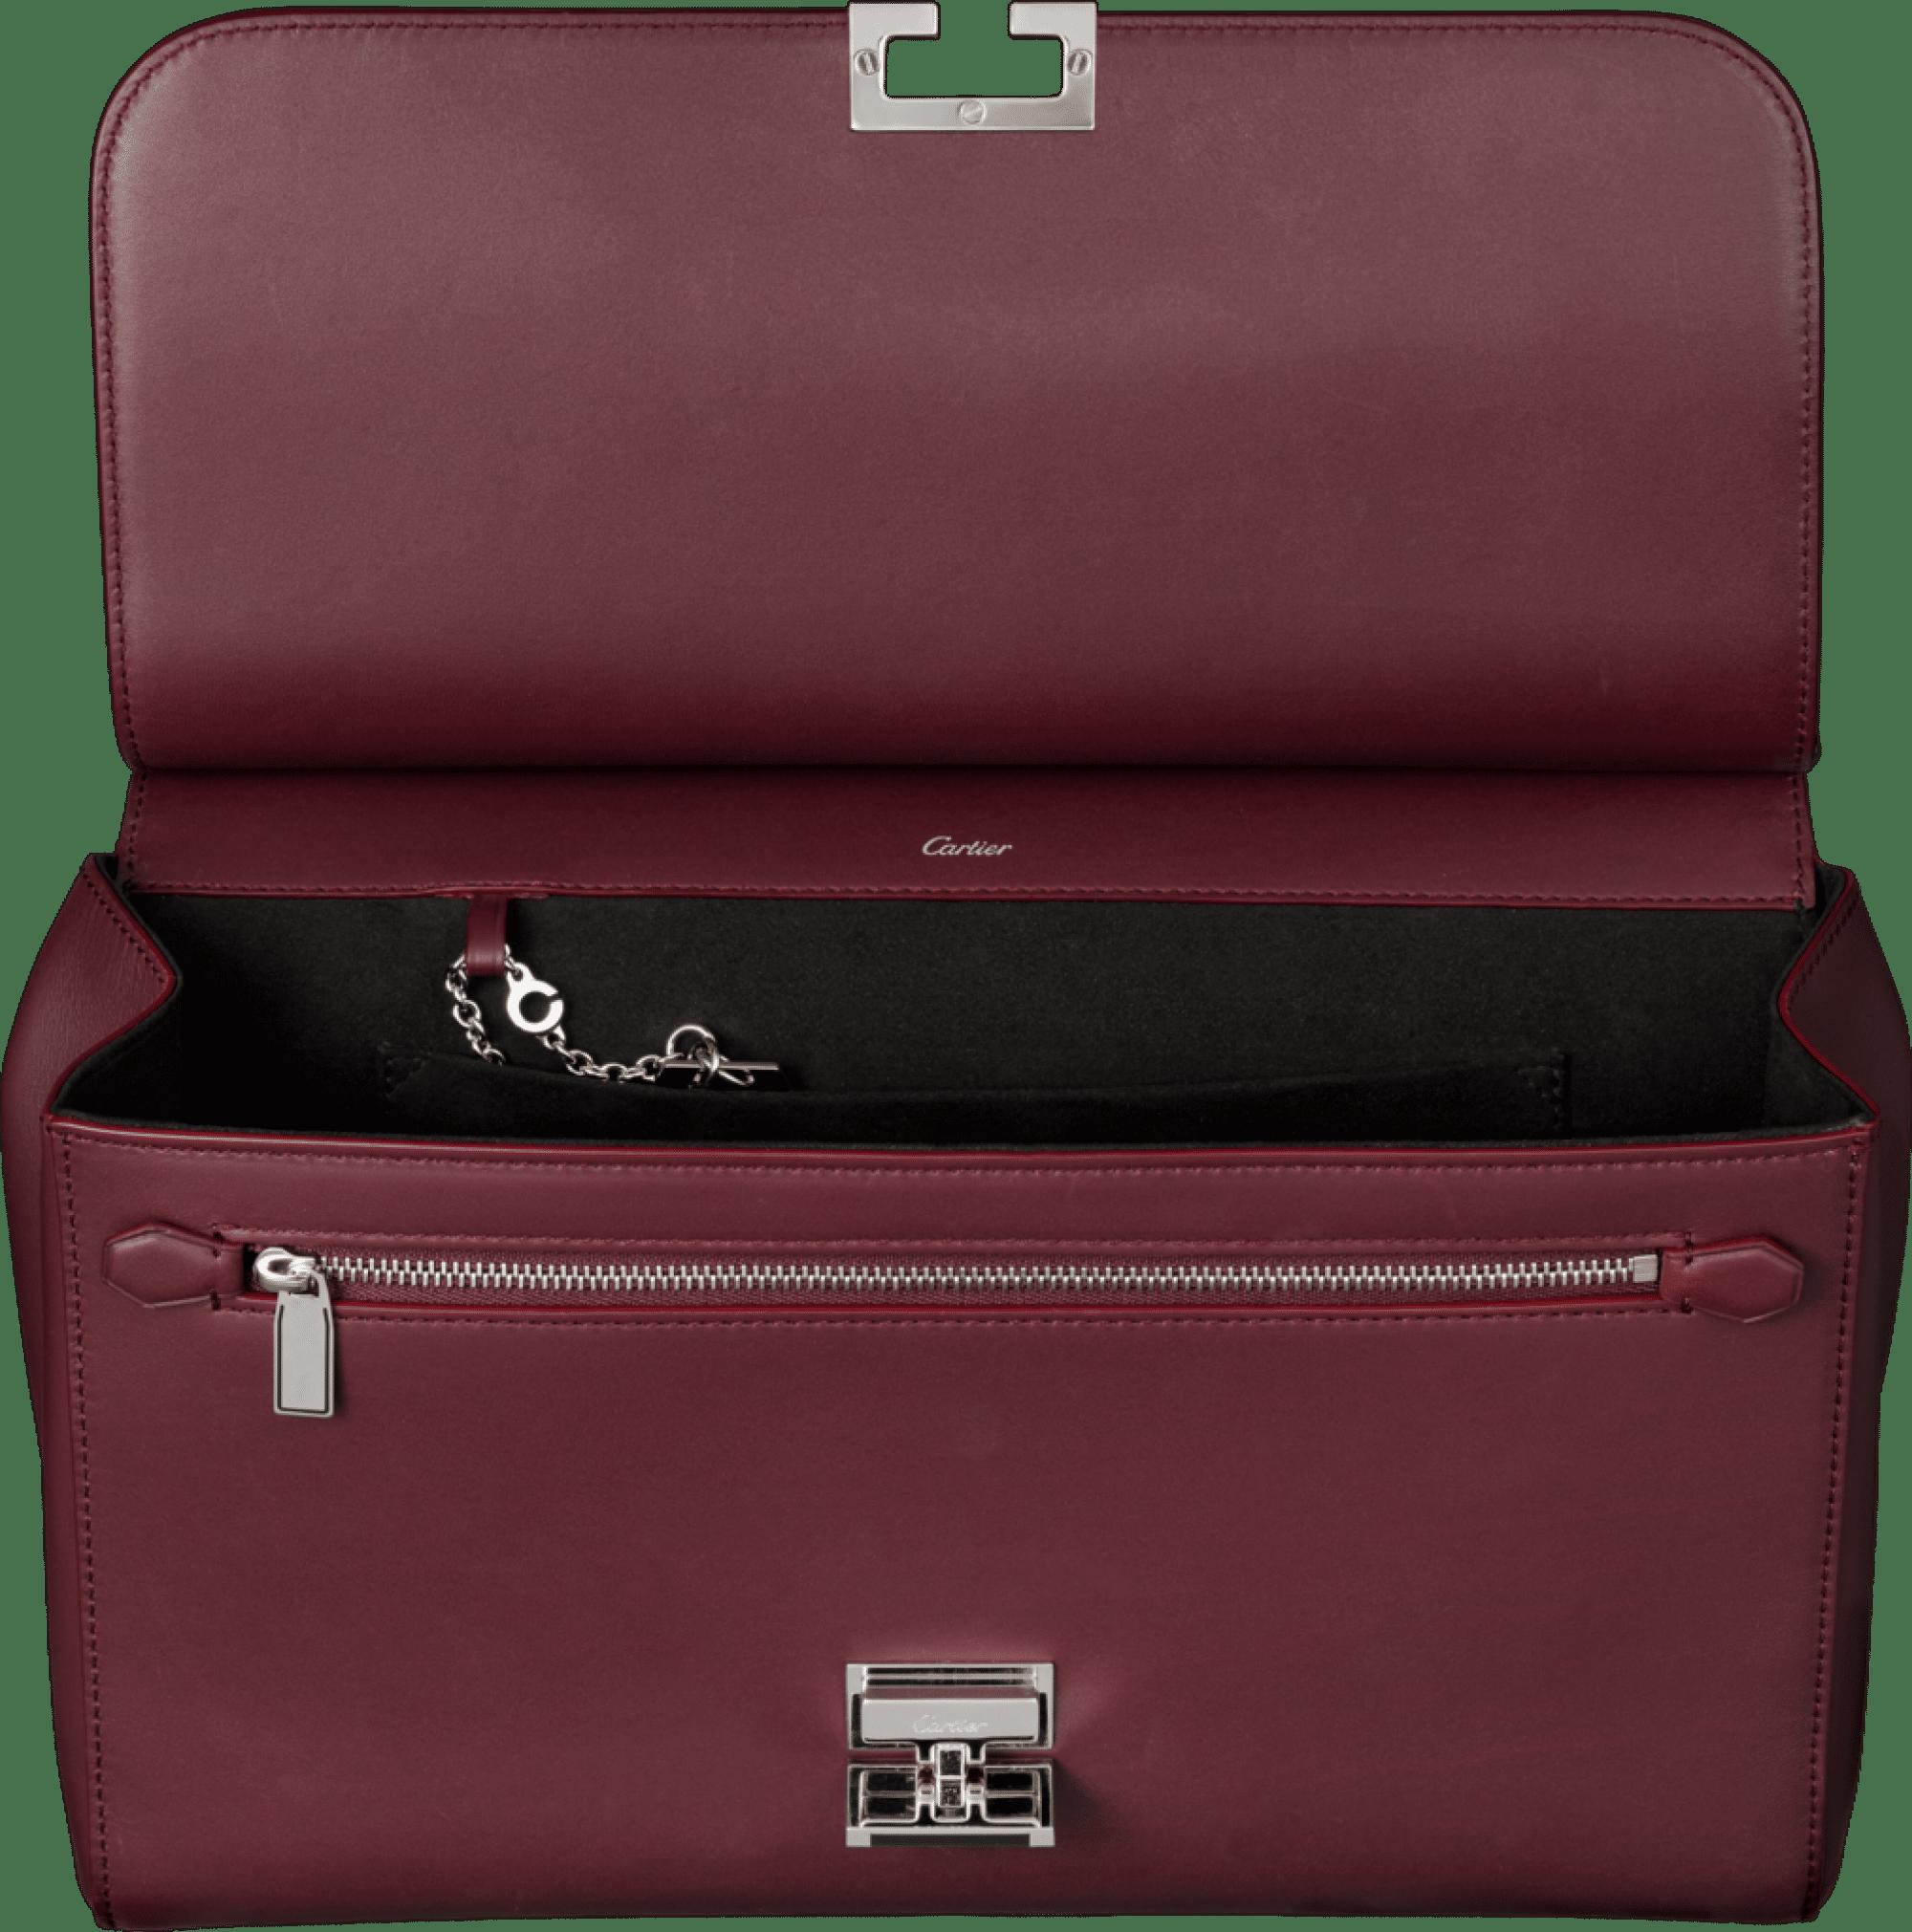 cartier-jeanne-toussaint-handbag-burgundy-open